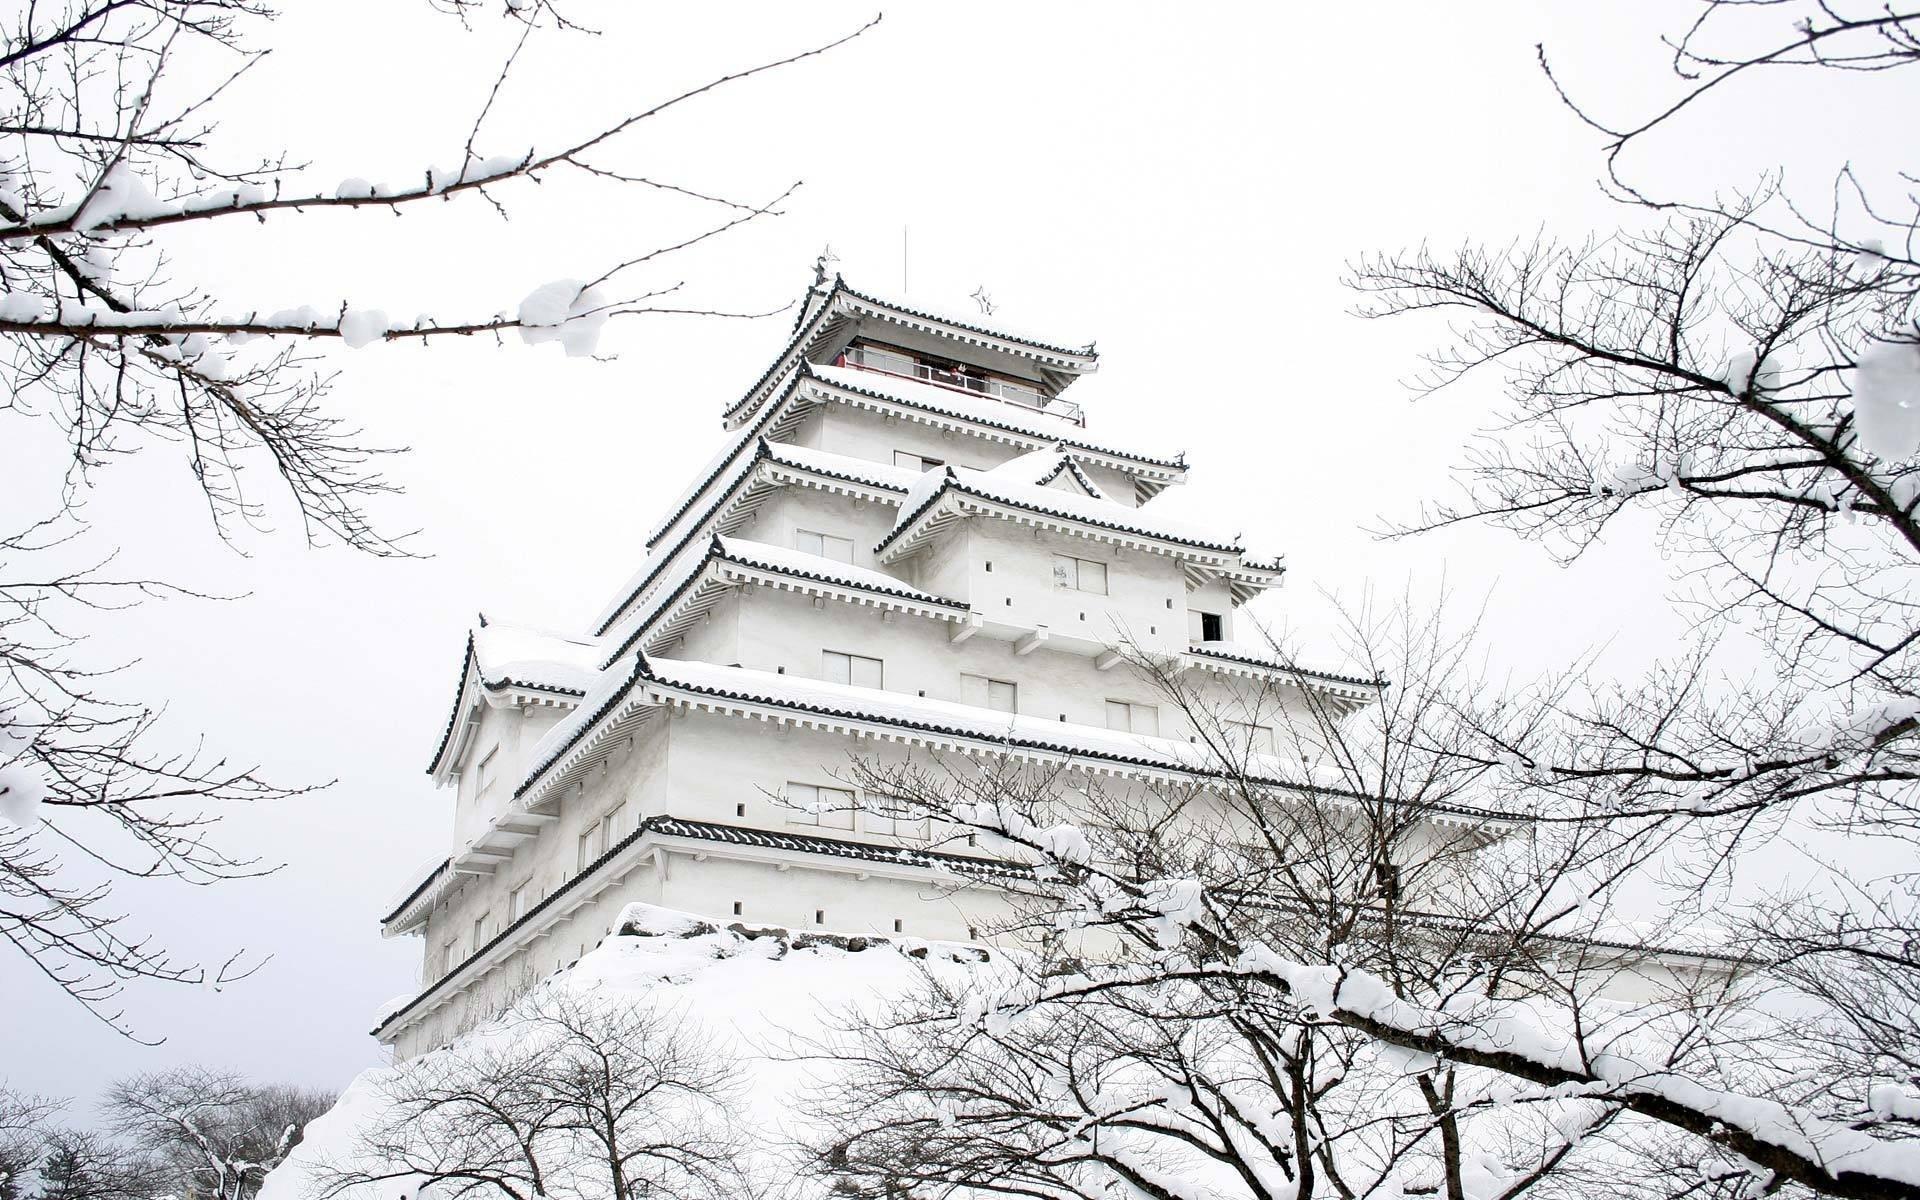 japan castle snow winter supplies